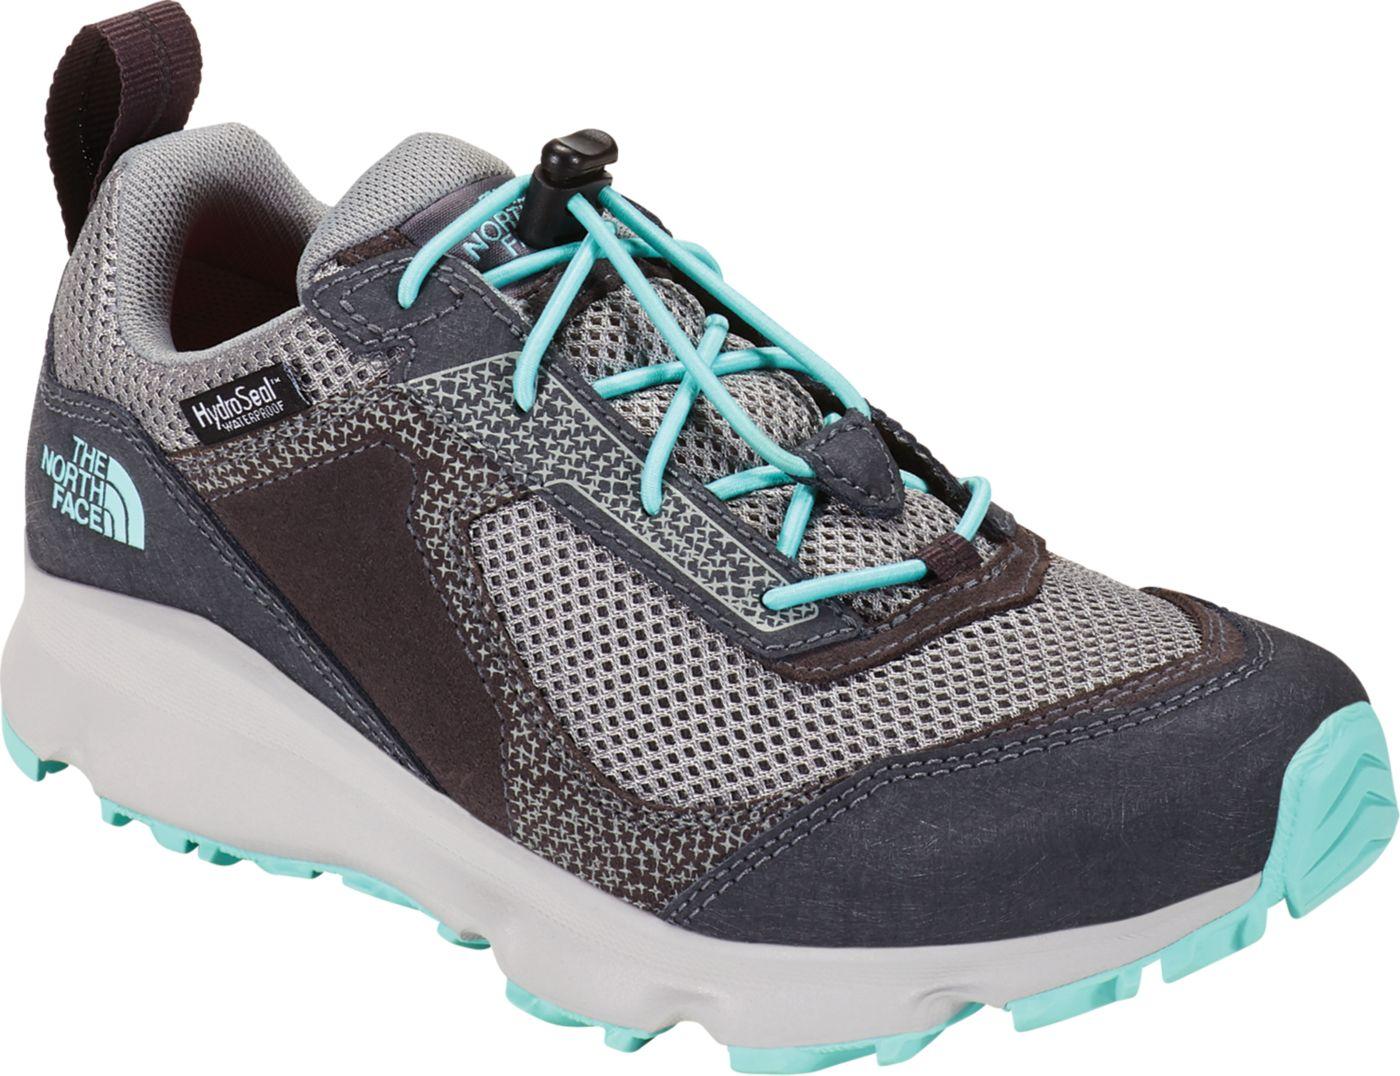 The North Face Jr. Hedgehog Hiker II Waterproof Hiking Shoes